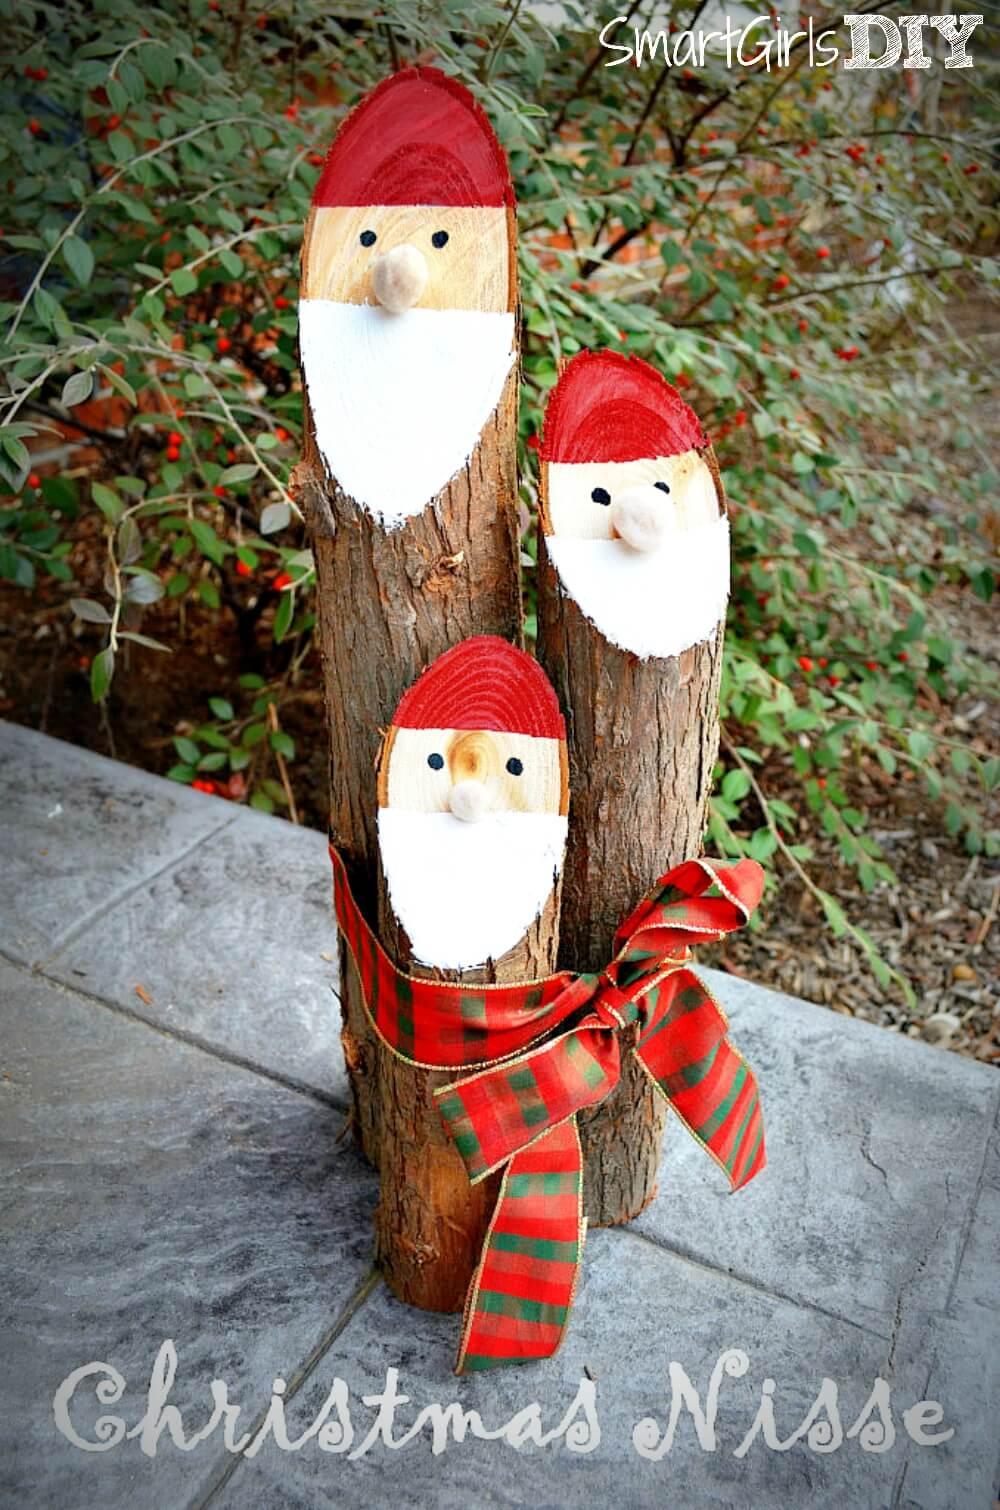 18 Magical Christmas Yard Decoration Ideas